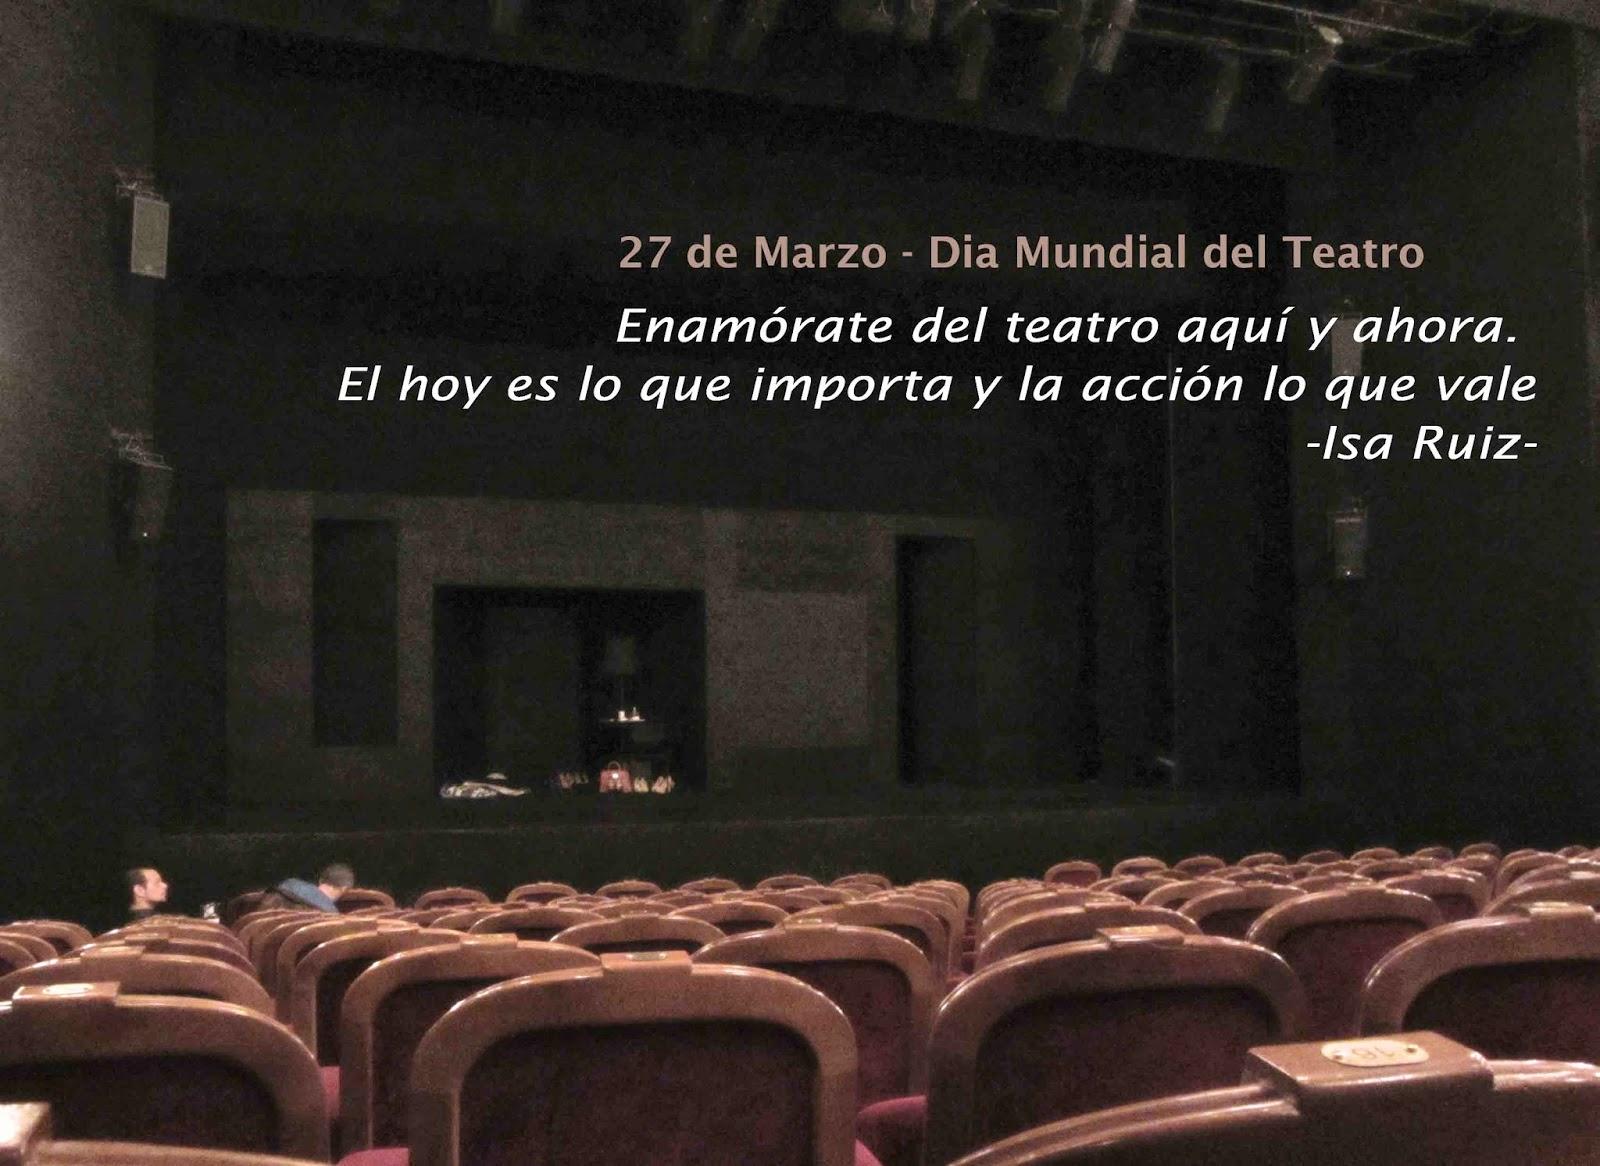 Dia mundial del teatro imagenes 6